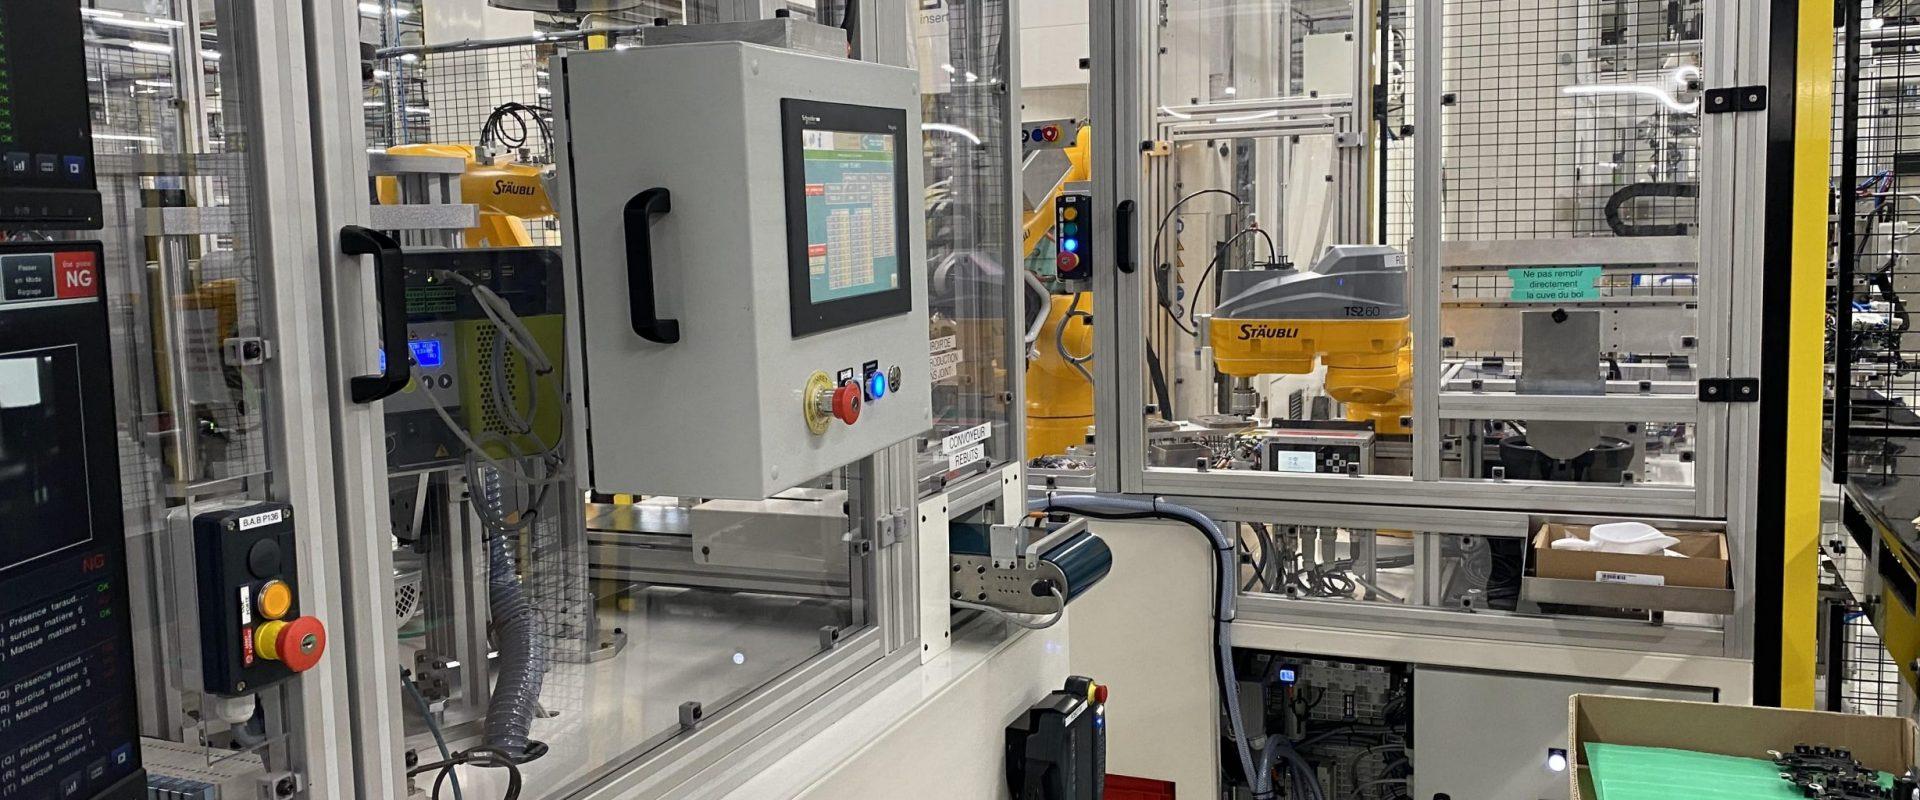 Garbe automatisme automatiser pour faire un pas vers l'industrie du futur